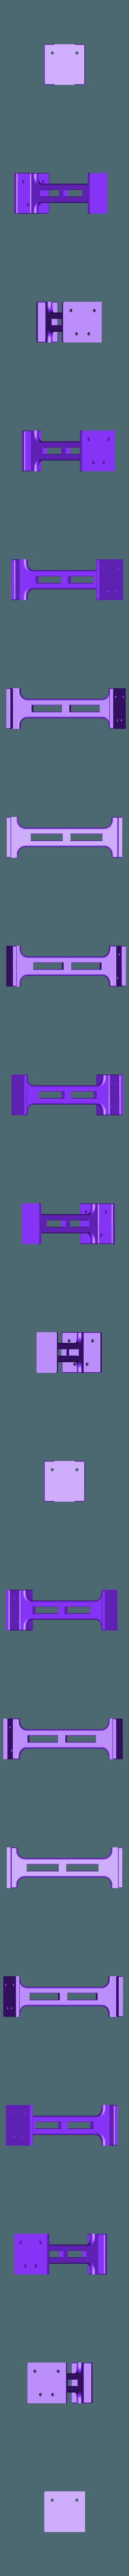 pilier_gpsnettfab.stl Télécharger fichier STL gratuit gps mount • Objet pour imprimante 3D, touchthebitum